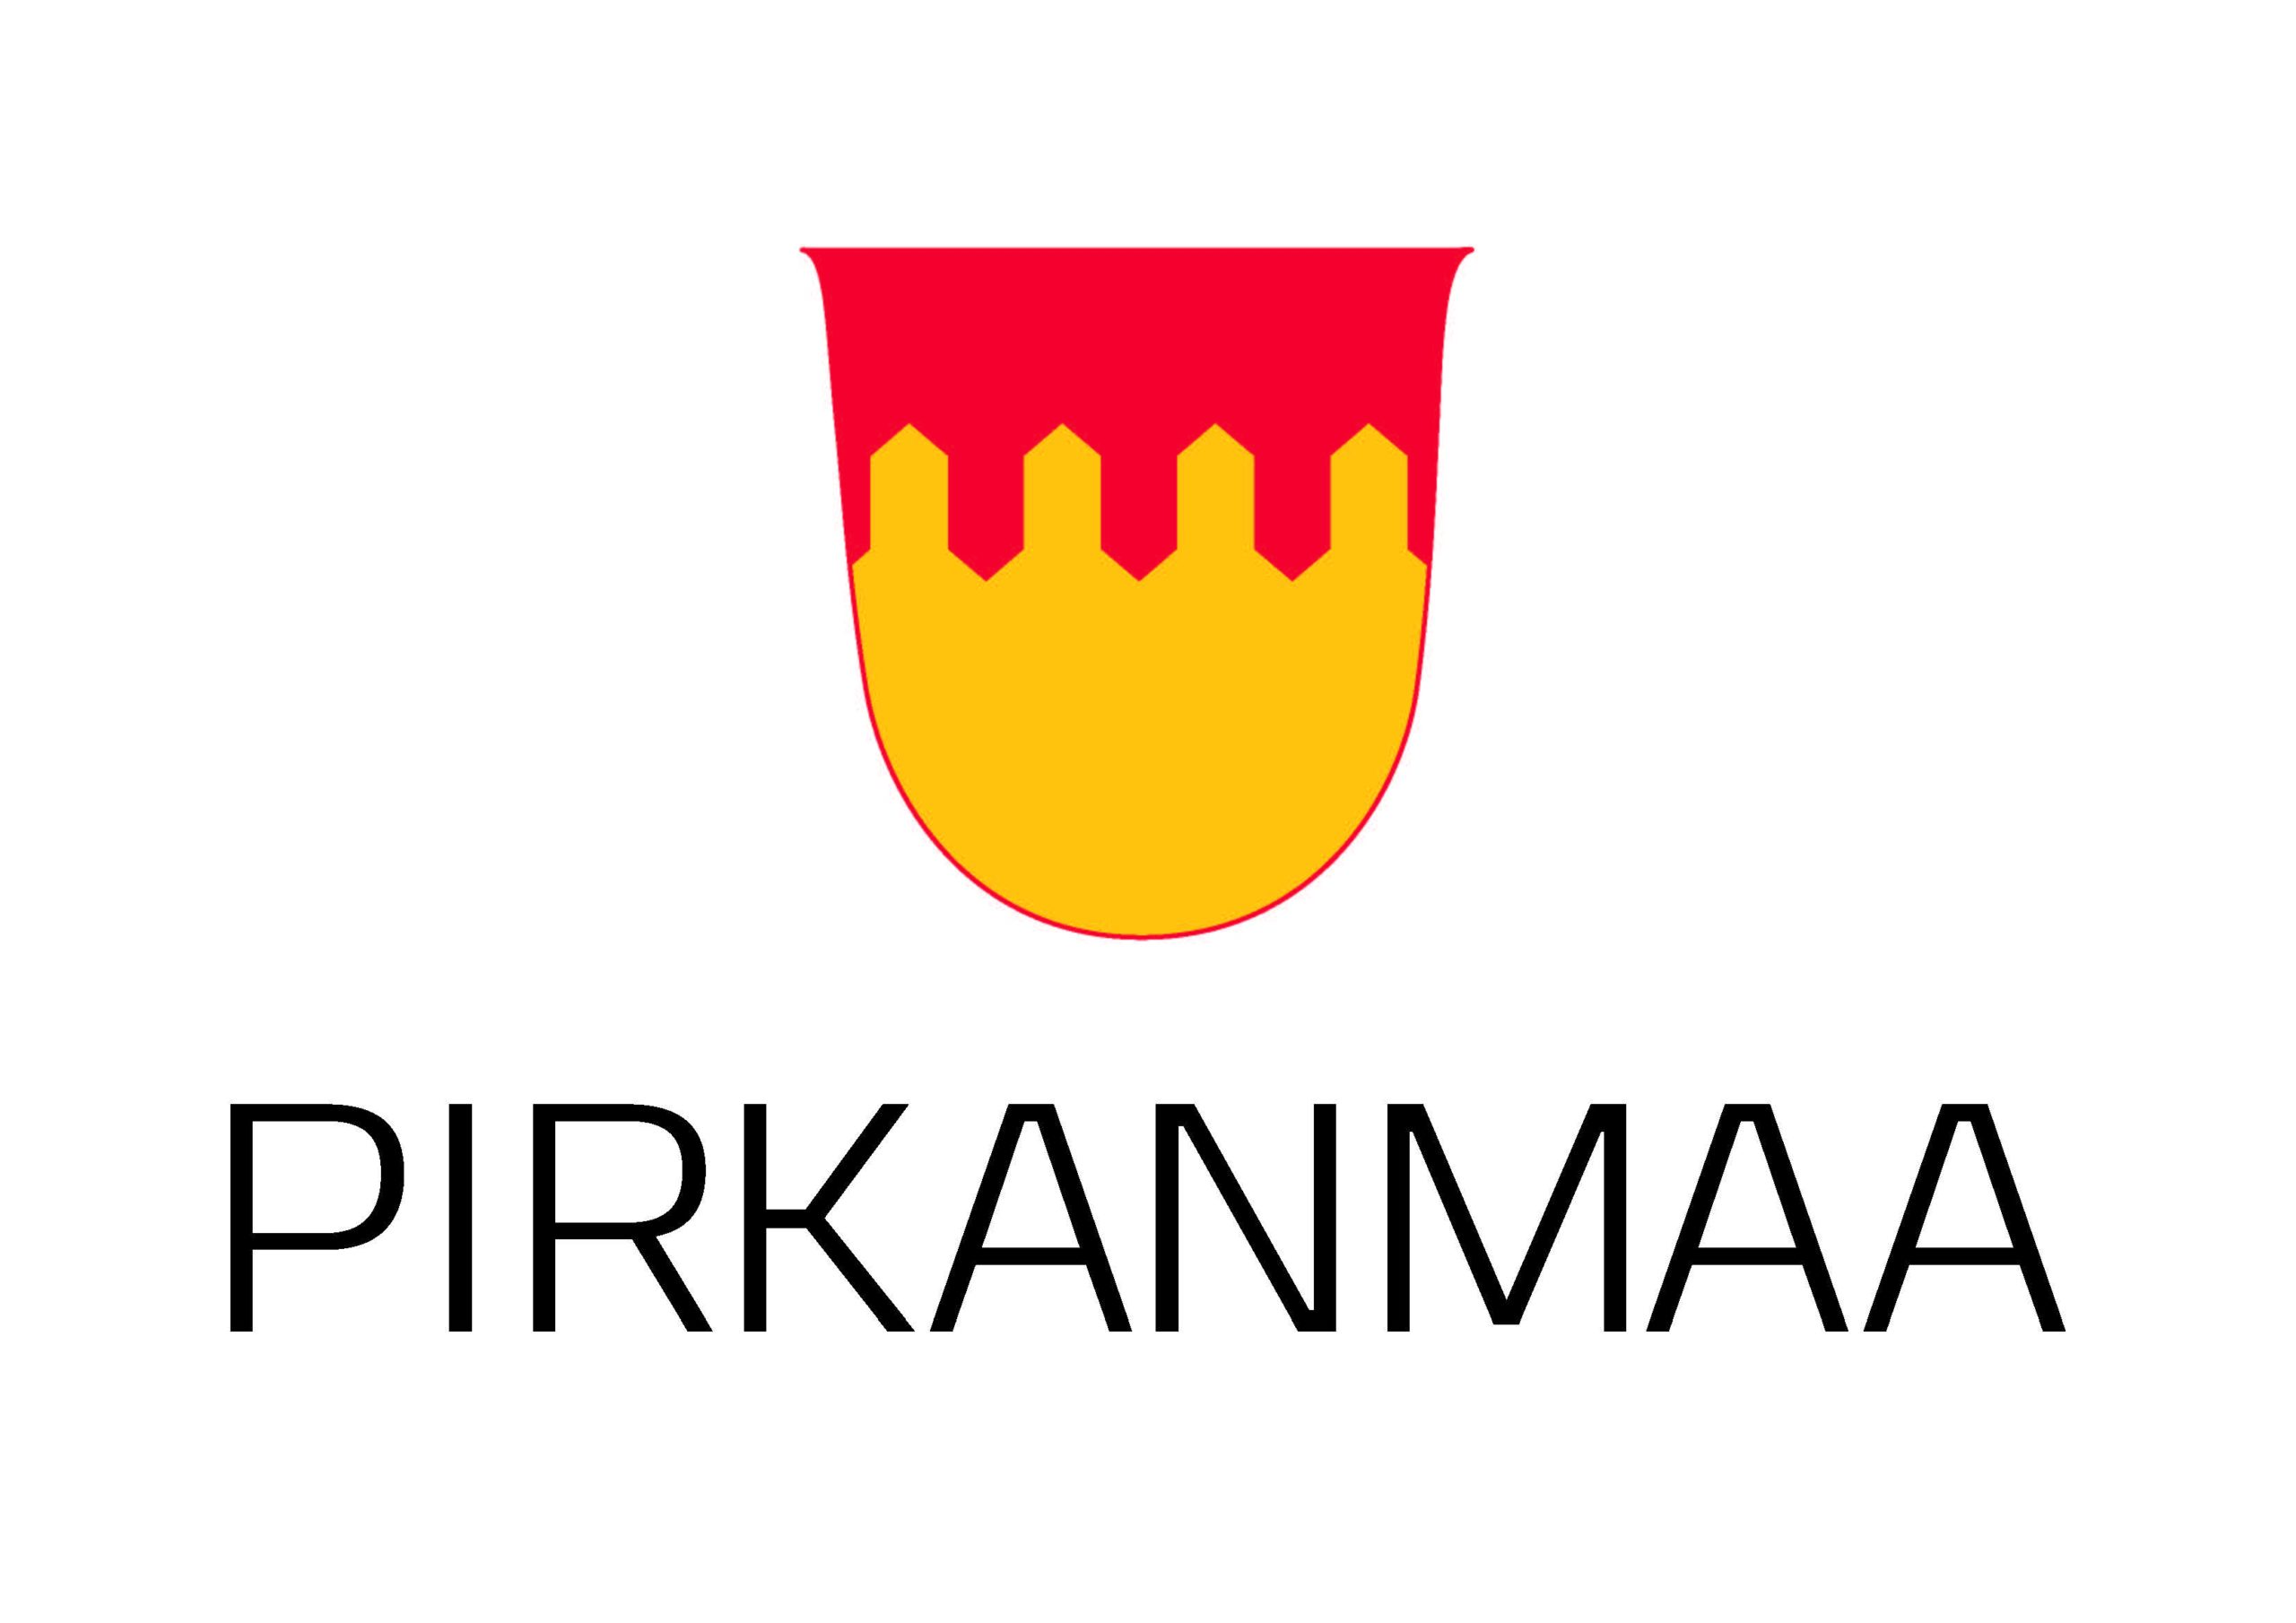 Pirkanmaan logo